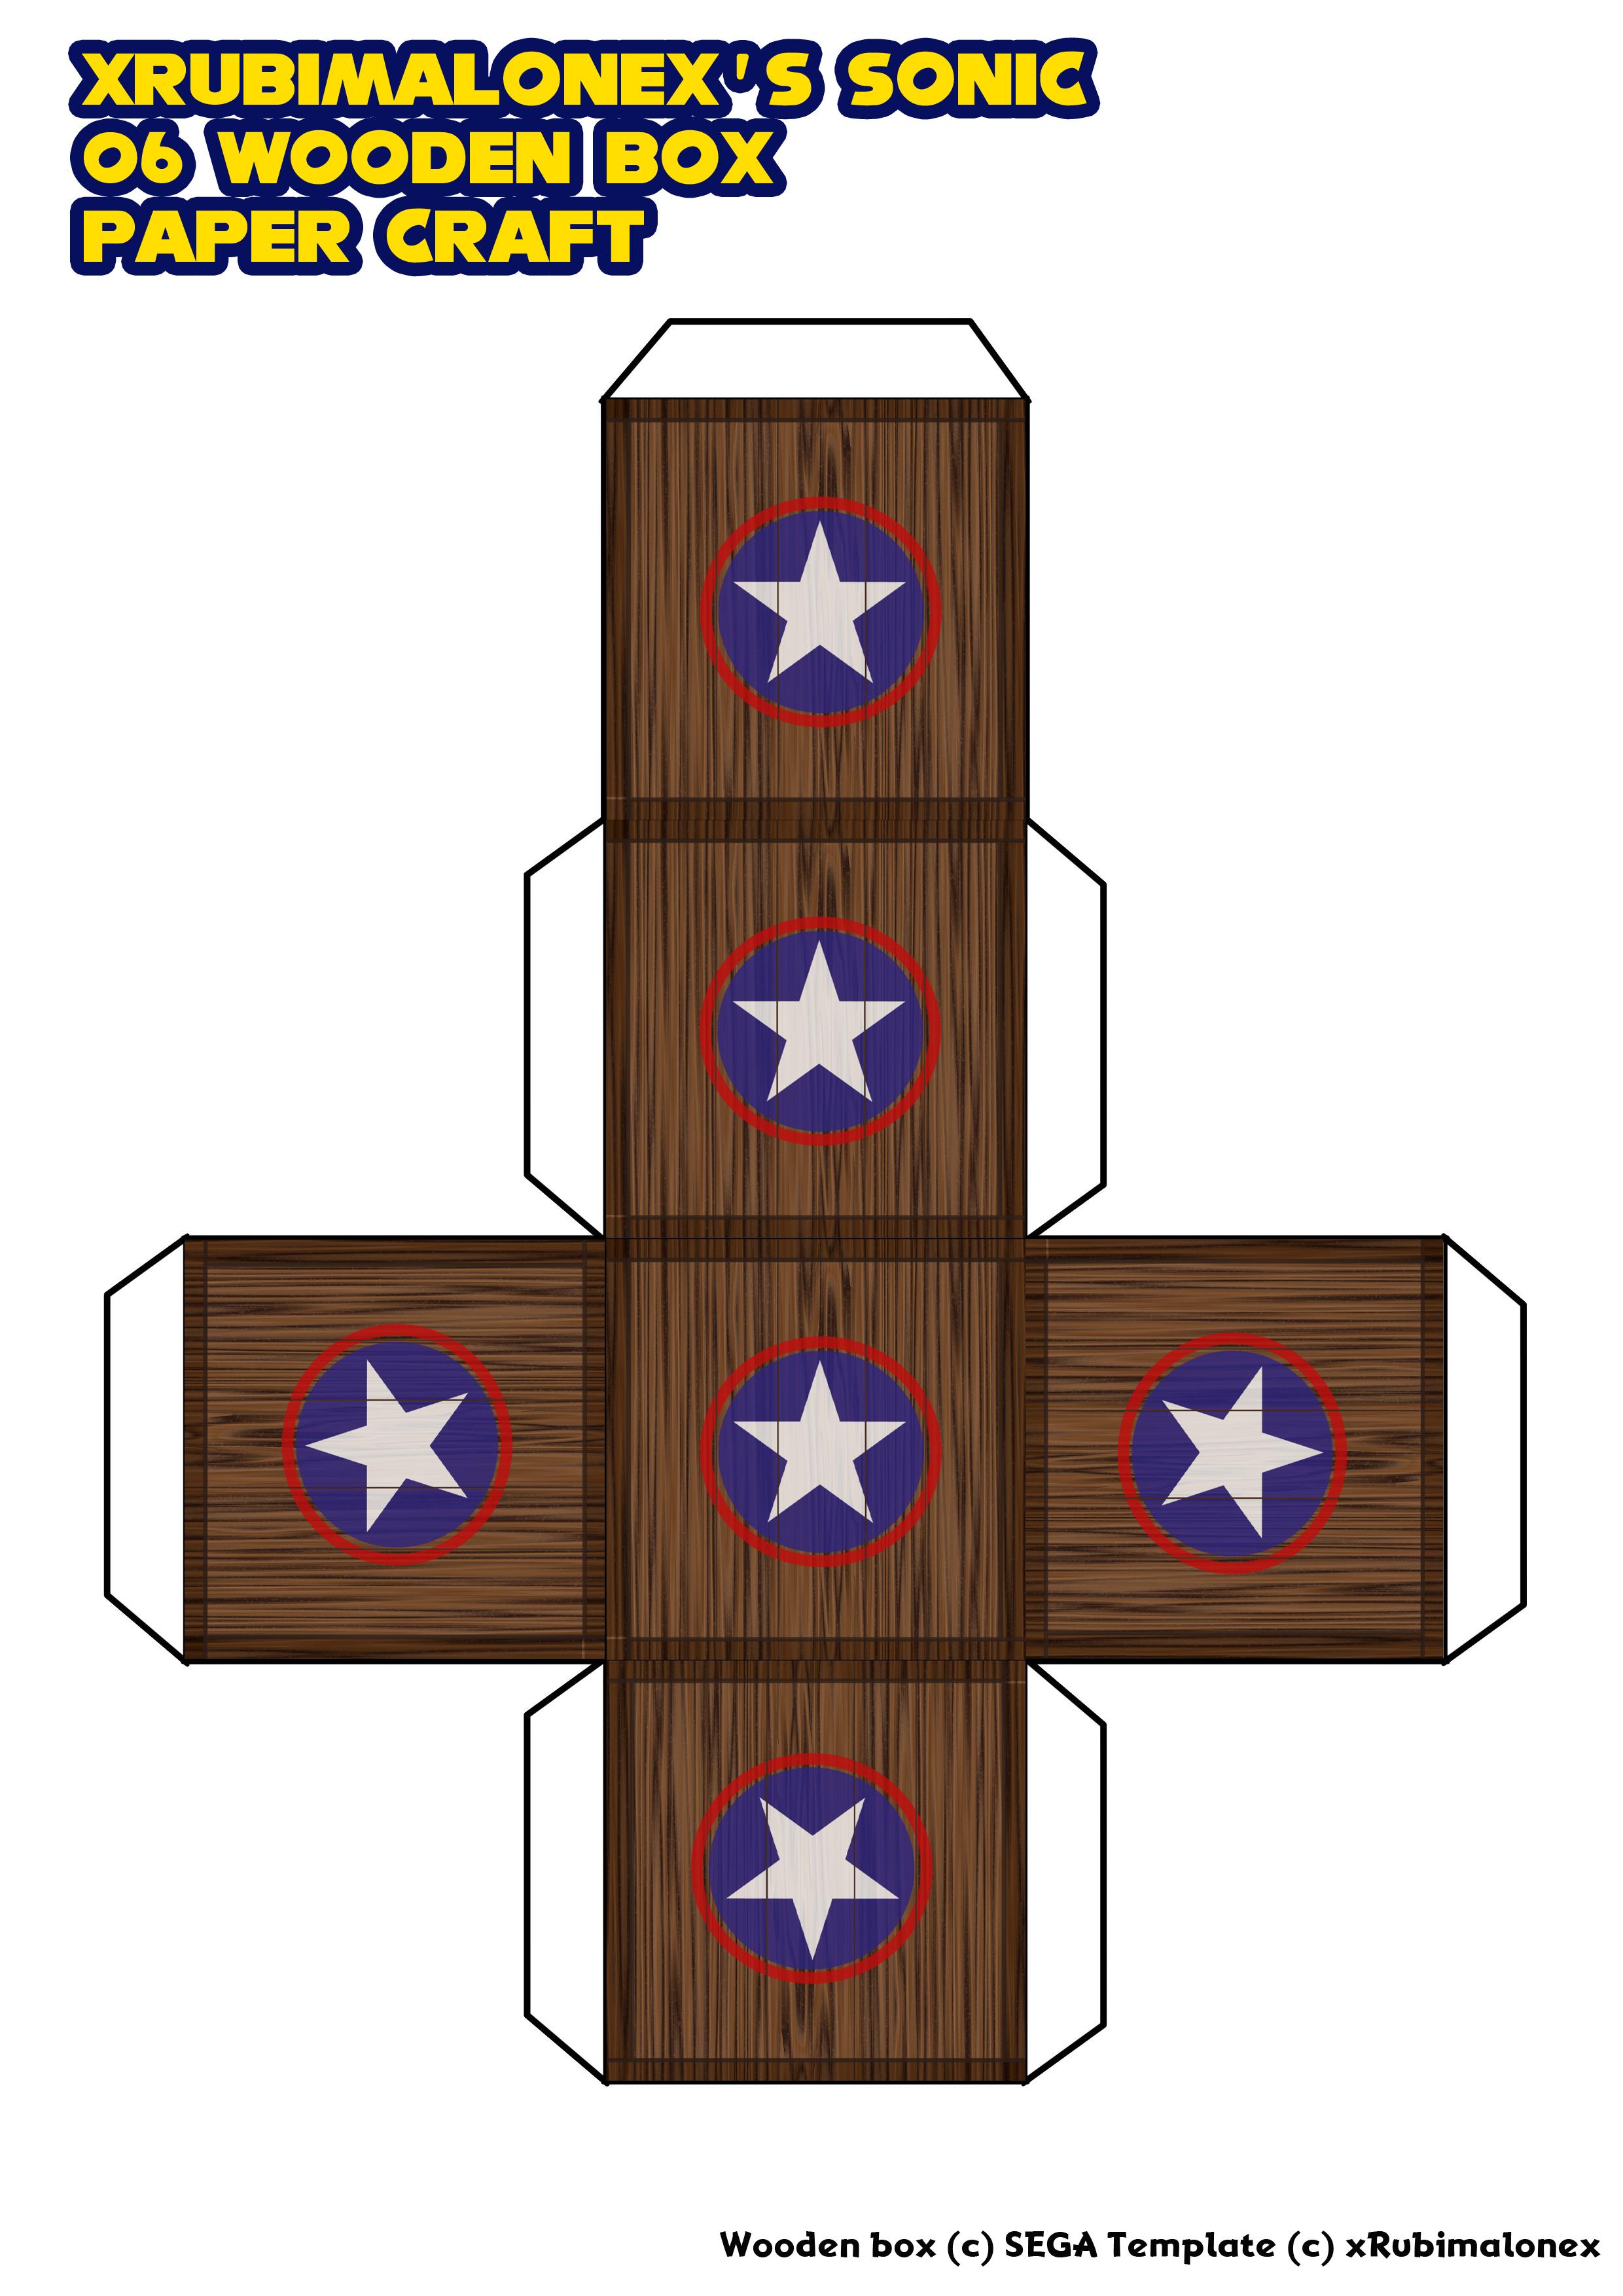 Wooden box paper craft by xrubimalonex on deviantart sonic wooden box paper craft by xrubimalonex jeuxipadfo Images